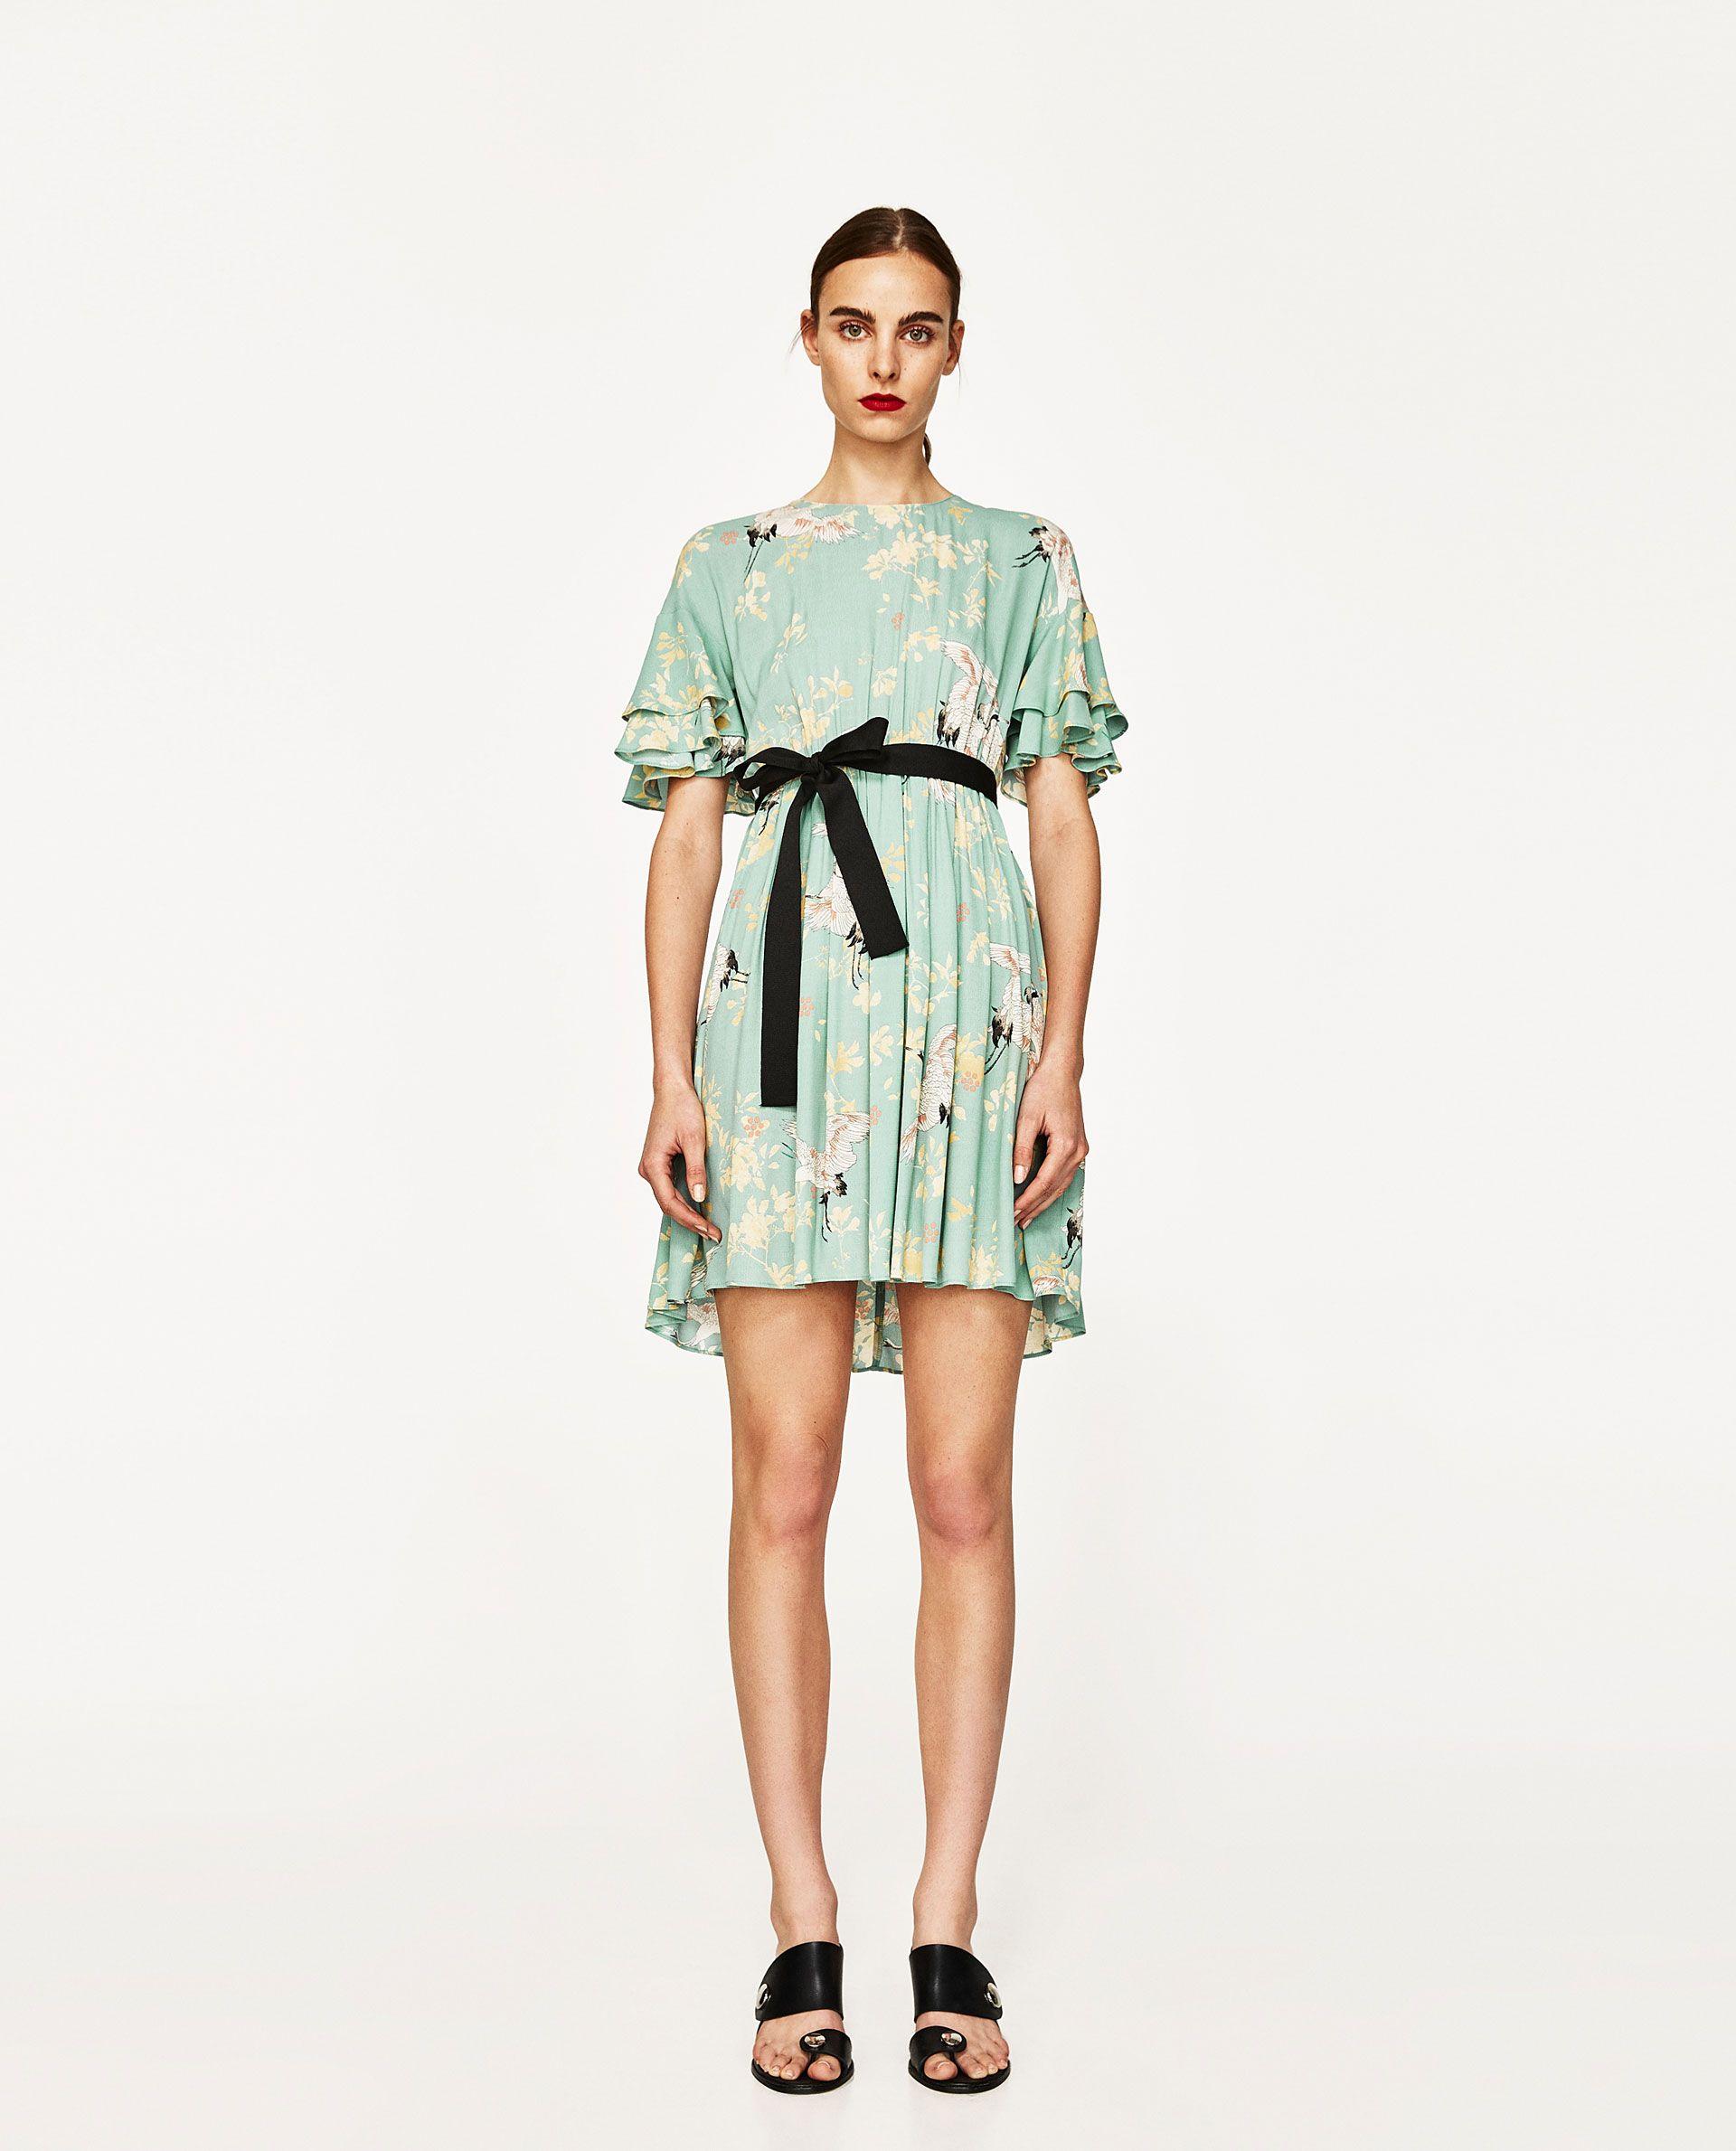 VESTIDO FLUIDO ESTAMPADO GARZAS | Flowing dresses, Zara women and Robe